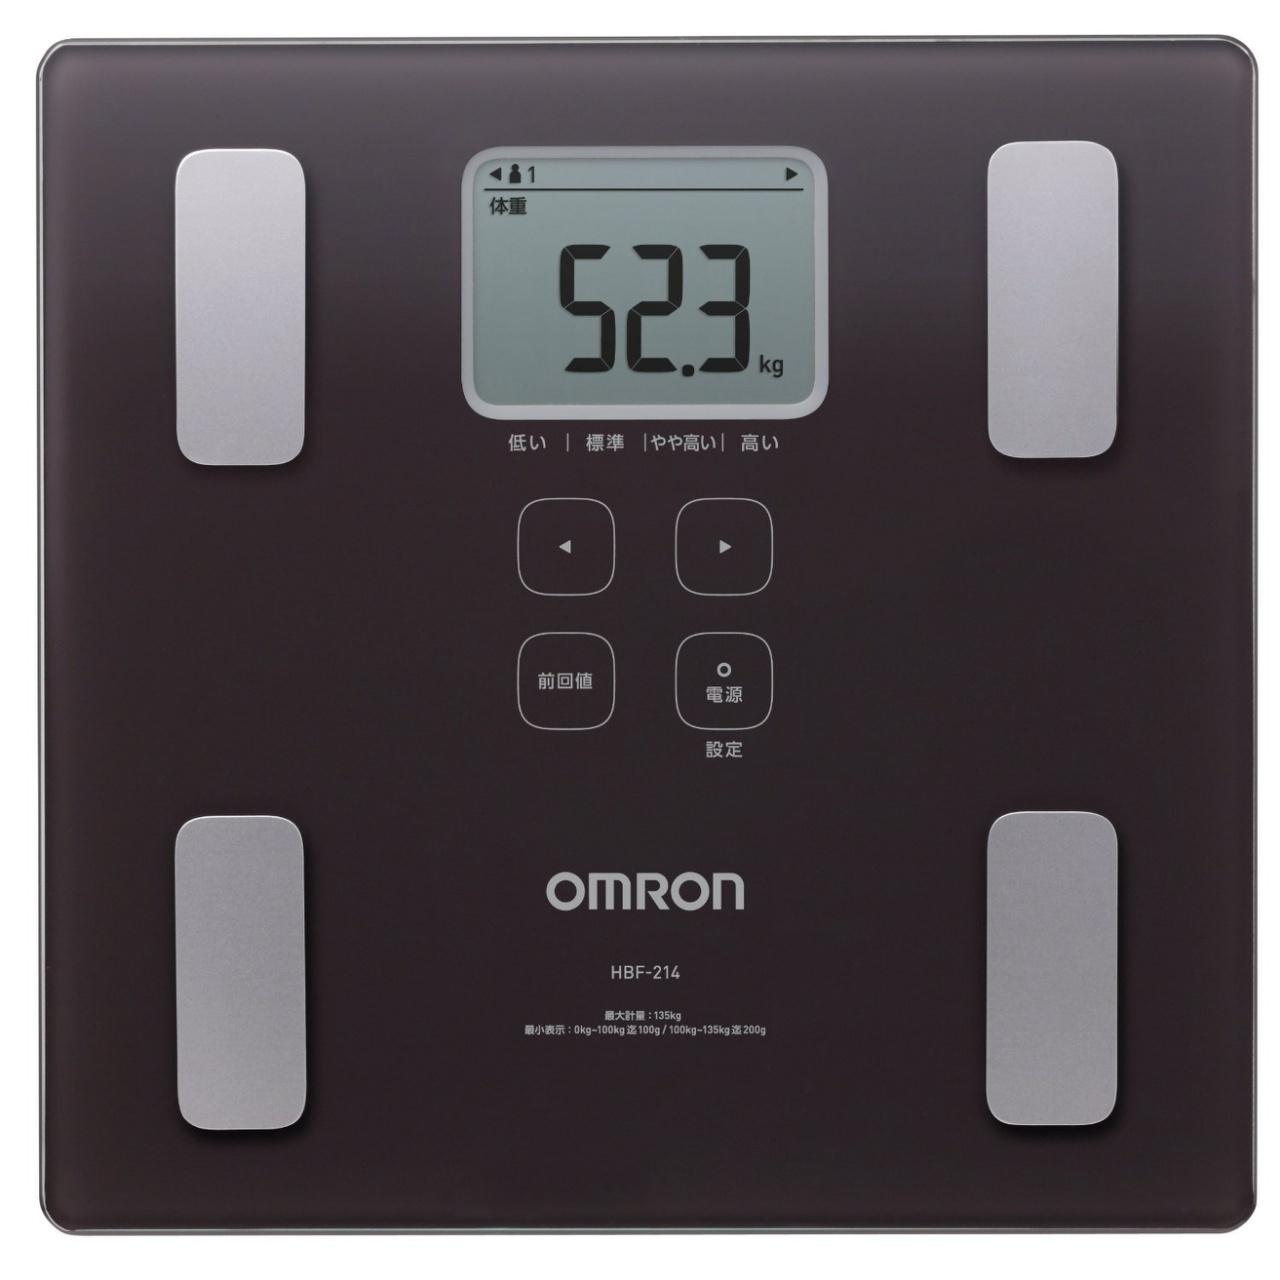 OMRON歐姆龍體脂肪計HBF-214(咖啡色)